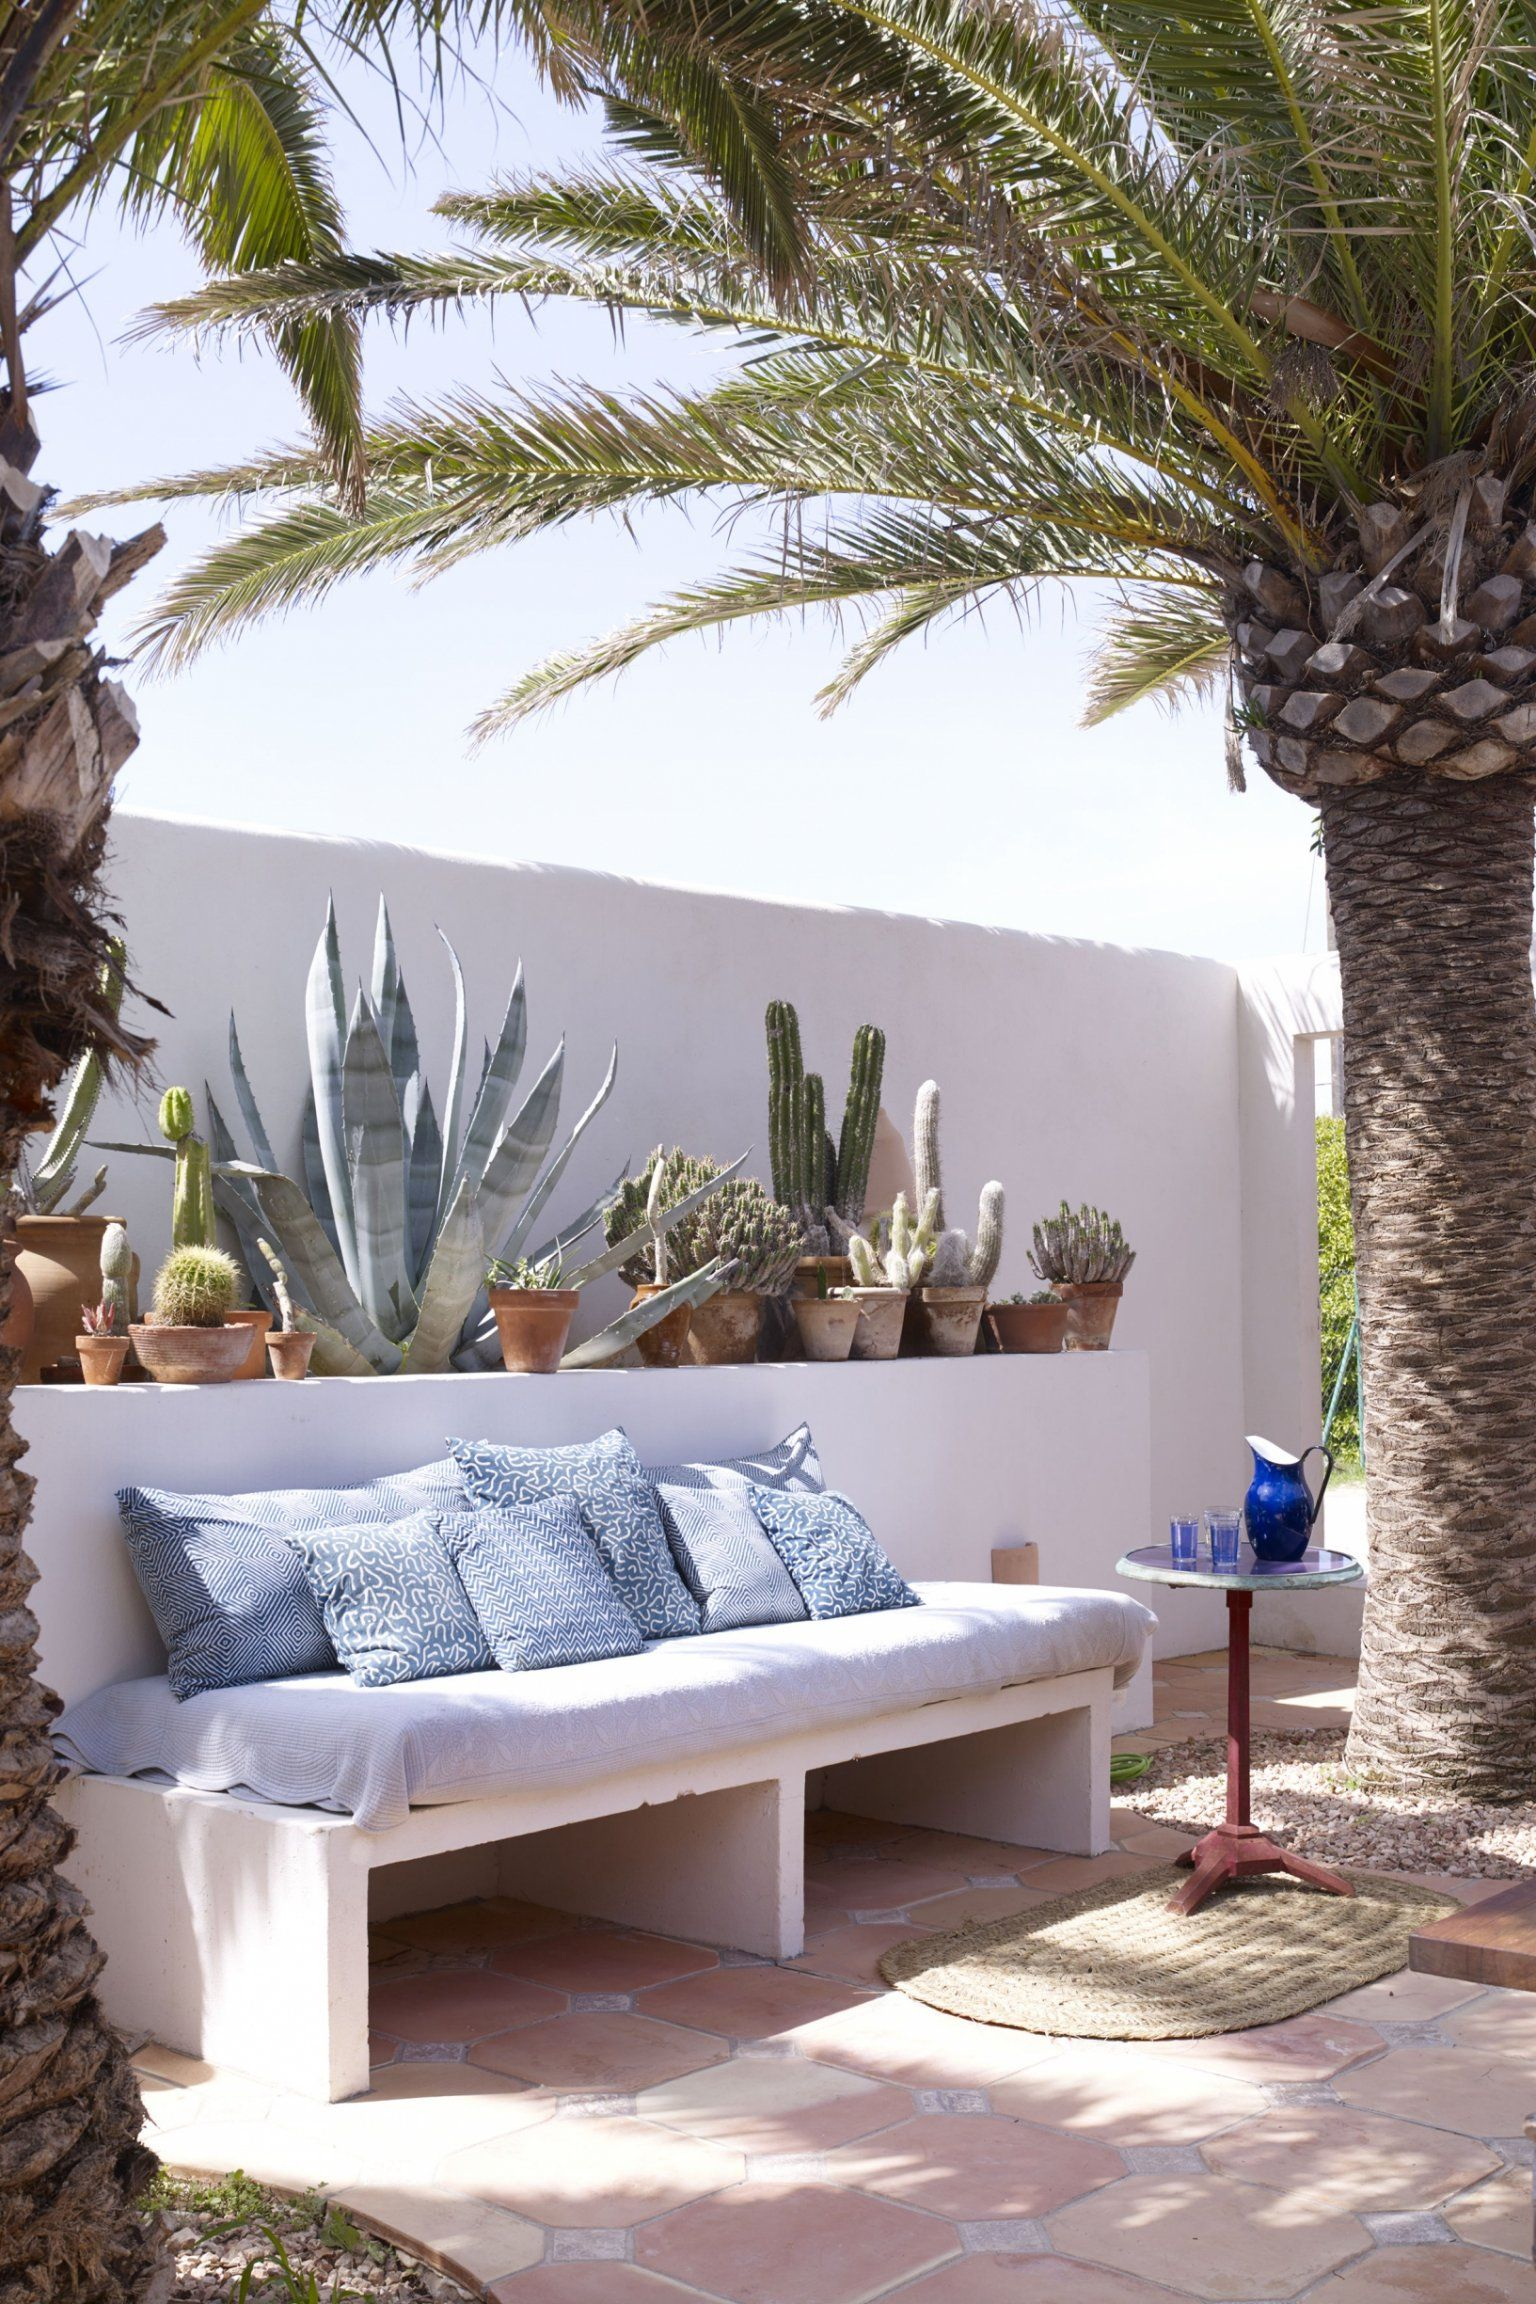 Une Banquette En Chaux | Banquette Jardin, Deco Terrasse ... serapportantà Marie Claire Maison Amenagement Devant Maison